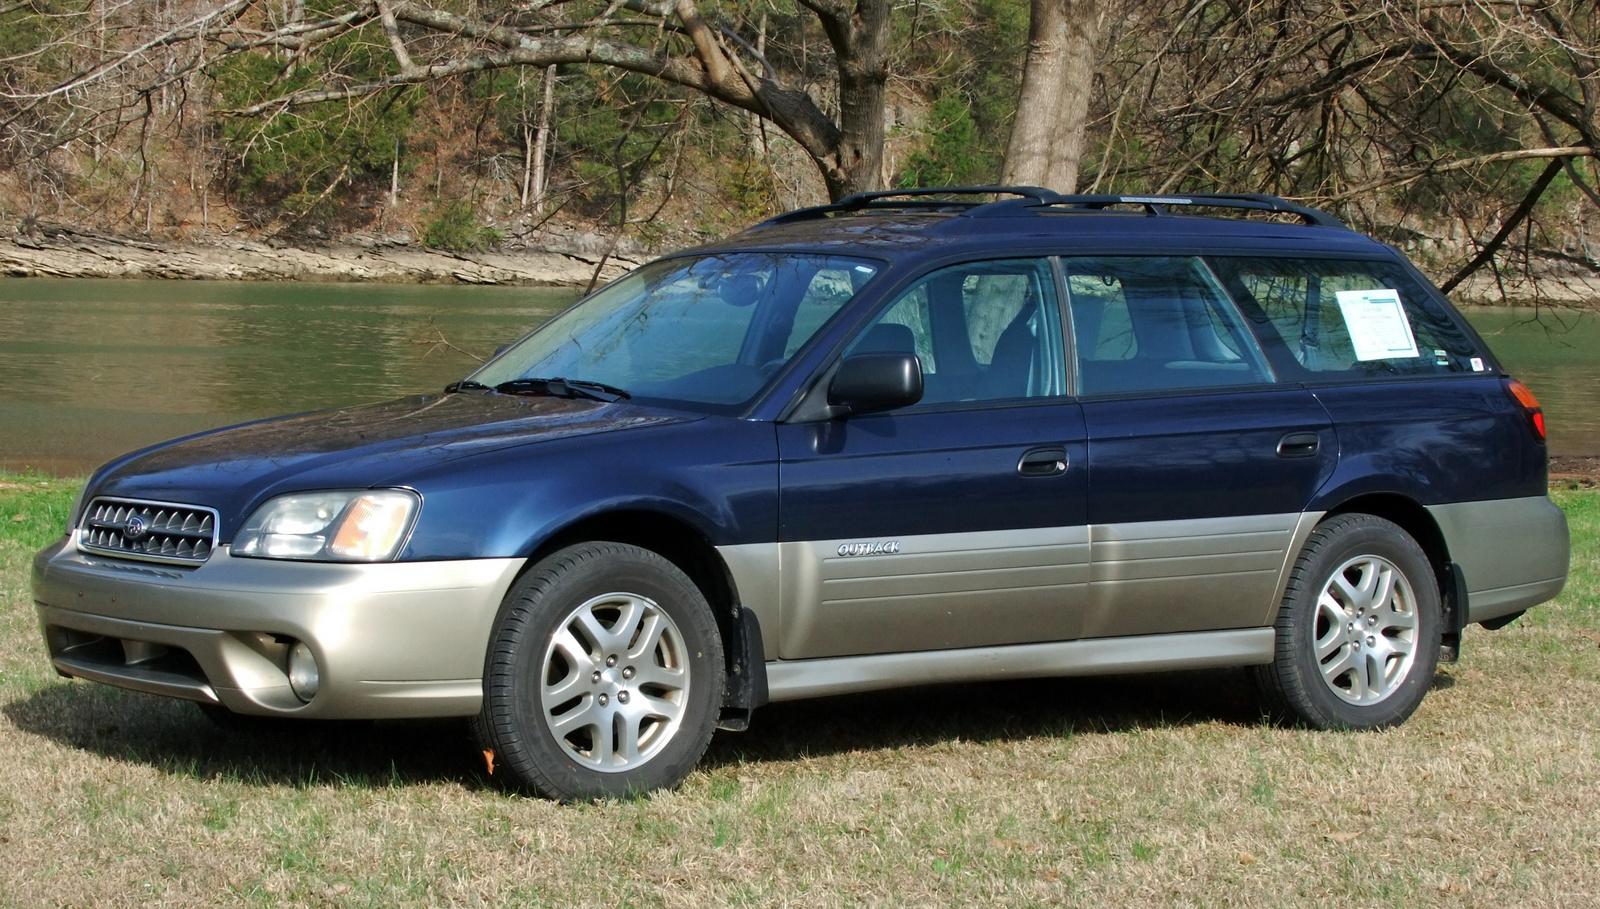 2004 Subaru Outback Pictures Cargurus